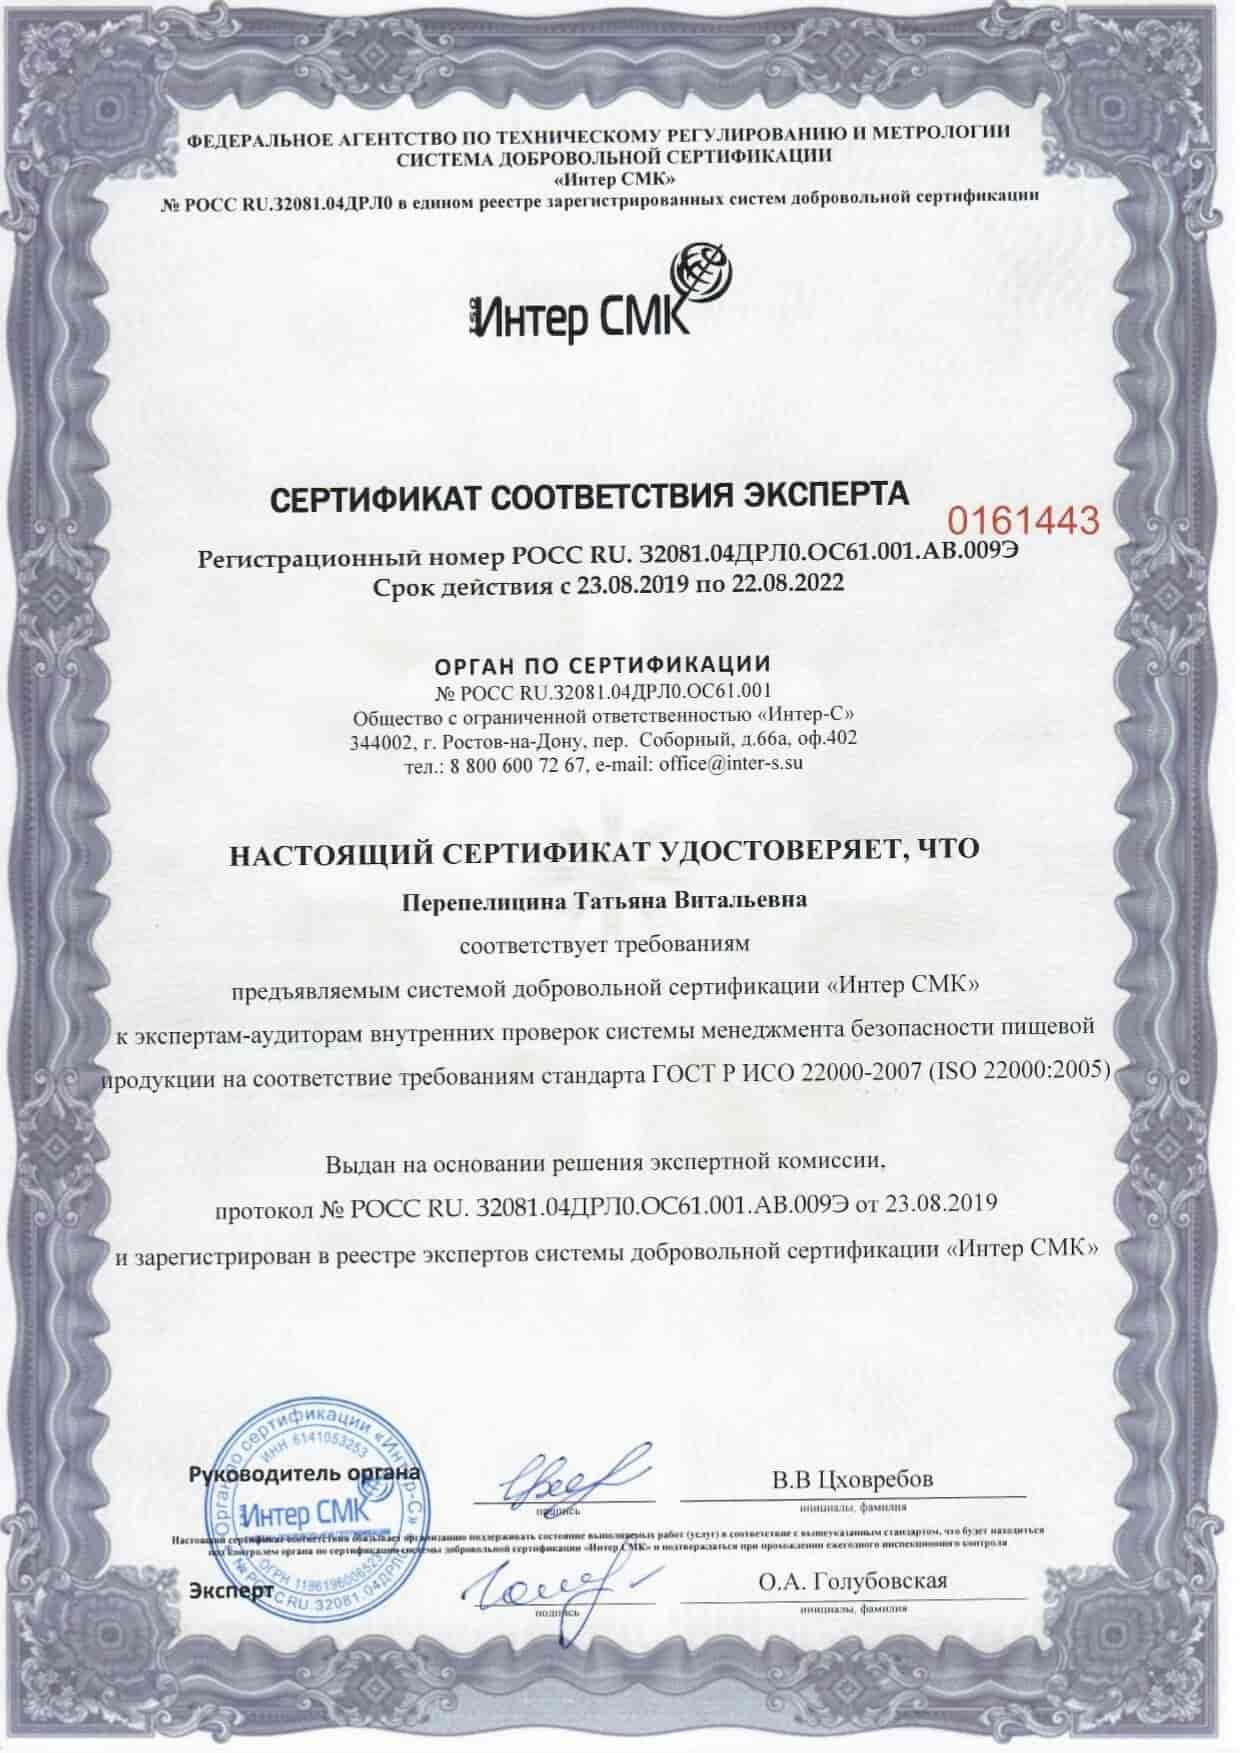 Сертификат соответствия эксперта -3